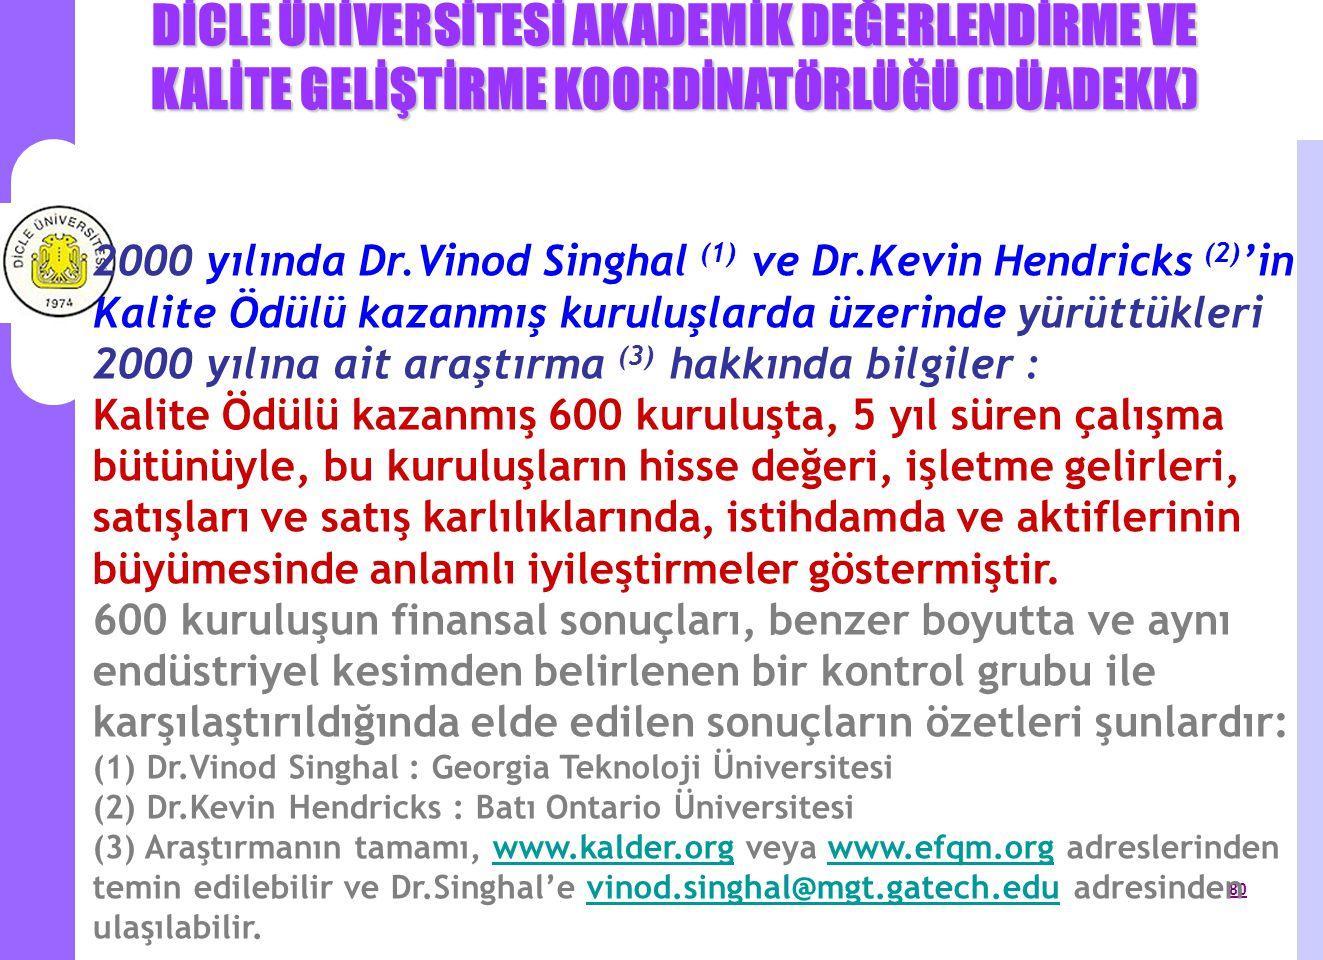 DİCLE ÜNİVERSİTESİ AKADEMİK DEĞERLENDİRME VE KALİTE GELİŞTİRME KOORDİNATÖRLÜĞÜ (DÜADEKK) 80 2000 yılında Dr.Vinod Singhal (1) ve Dr.Kevin Hendricks (2